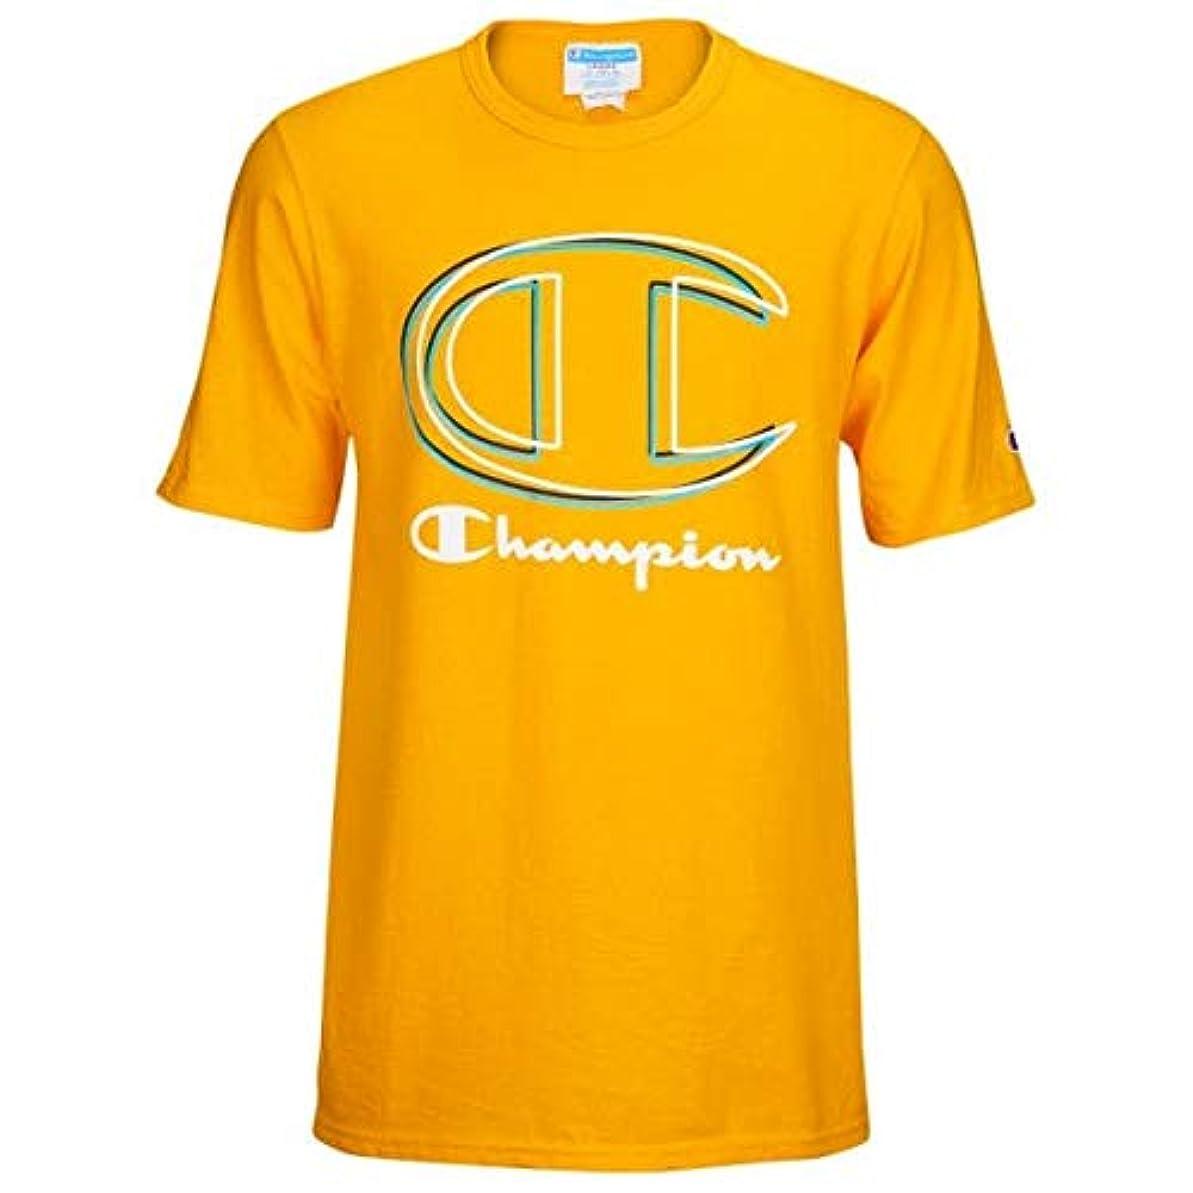 喪カウントアップ承認する(チャンピオン)Champion Graphic Short Sleeve T-Shirt メンズ Tシャツ [並行輸入品]